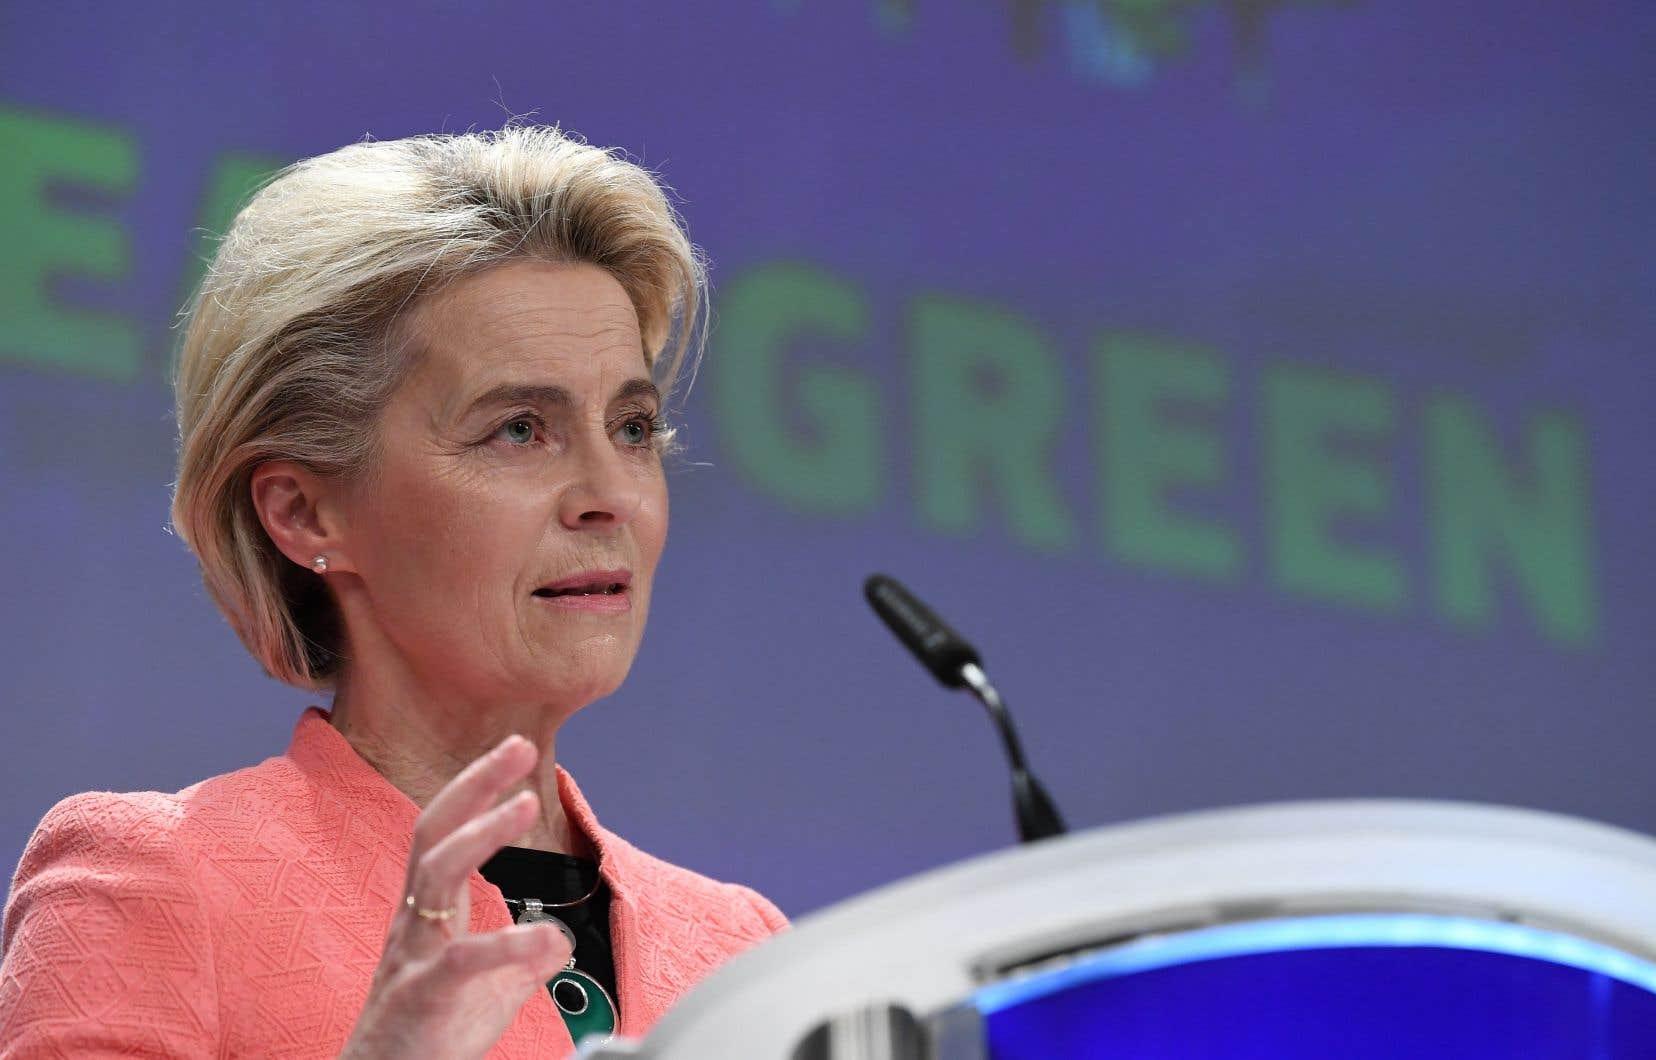 «Notre plan combine la réduction d'émissions carbone avec des mesures pour préserver la nature et placer l'emploi et l'équité sociale au cœur de cette transformation» verte, a souligné Ursula von der Leyen.